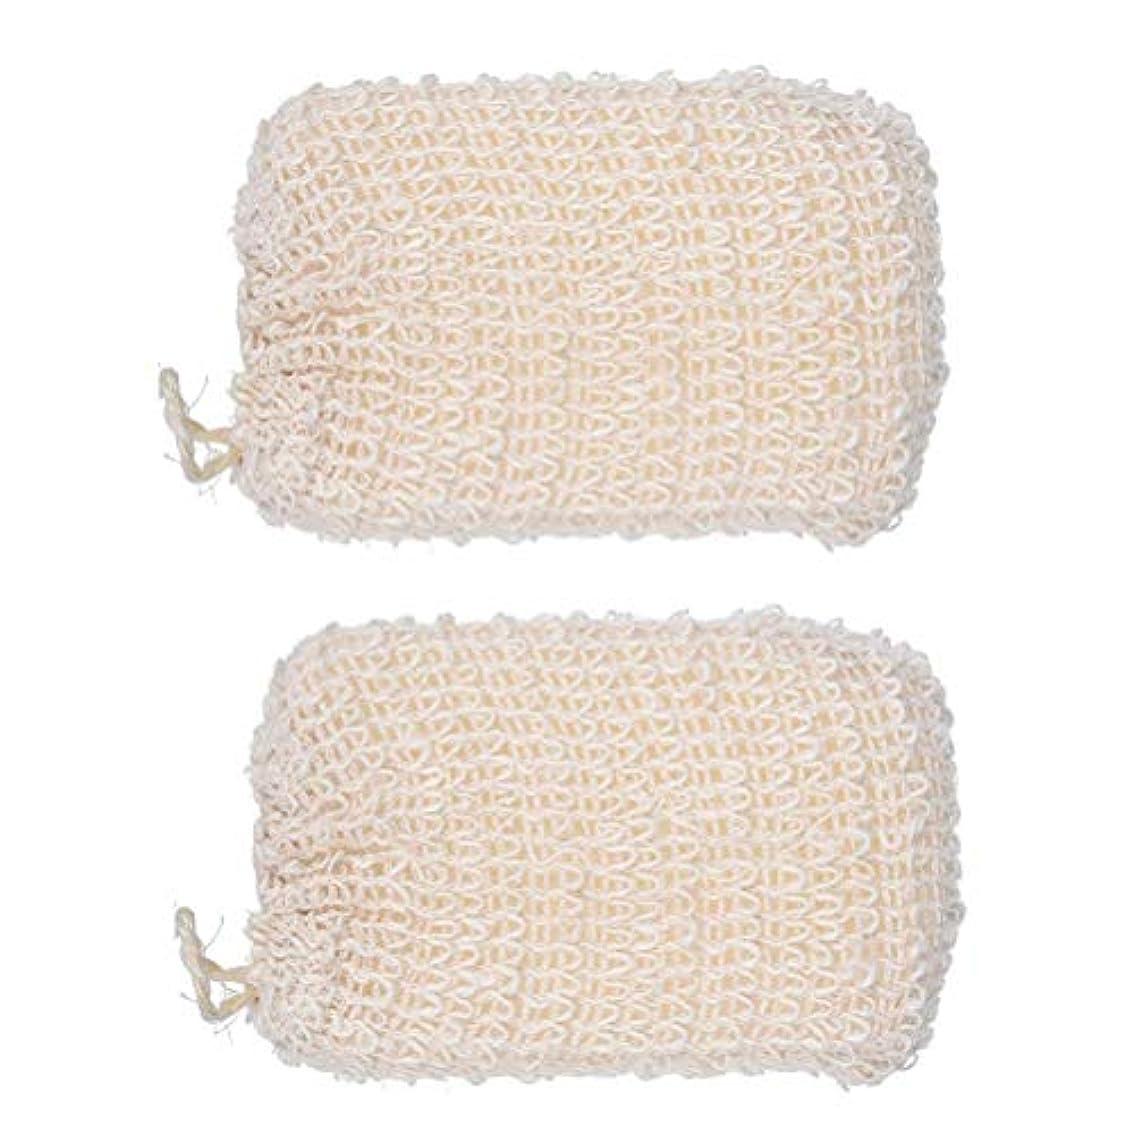 調子近代化するまたねBeaupretty 2ピース風呂スポンジ植物綿とリネン風呂ブラシ柔らかい風呂スポンジスクラバー用女性赤ちゃん子供(ベージュ)